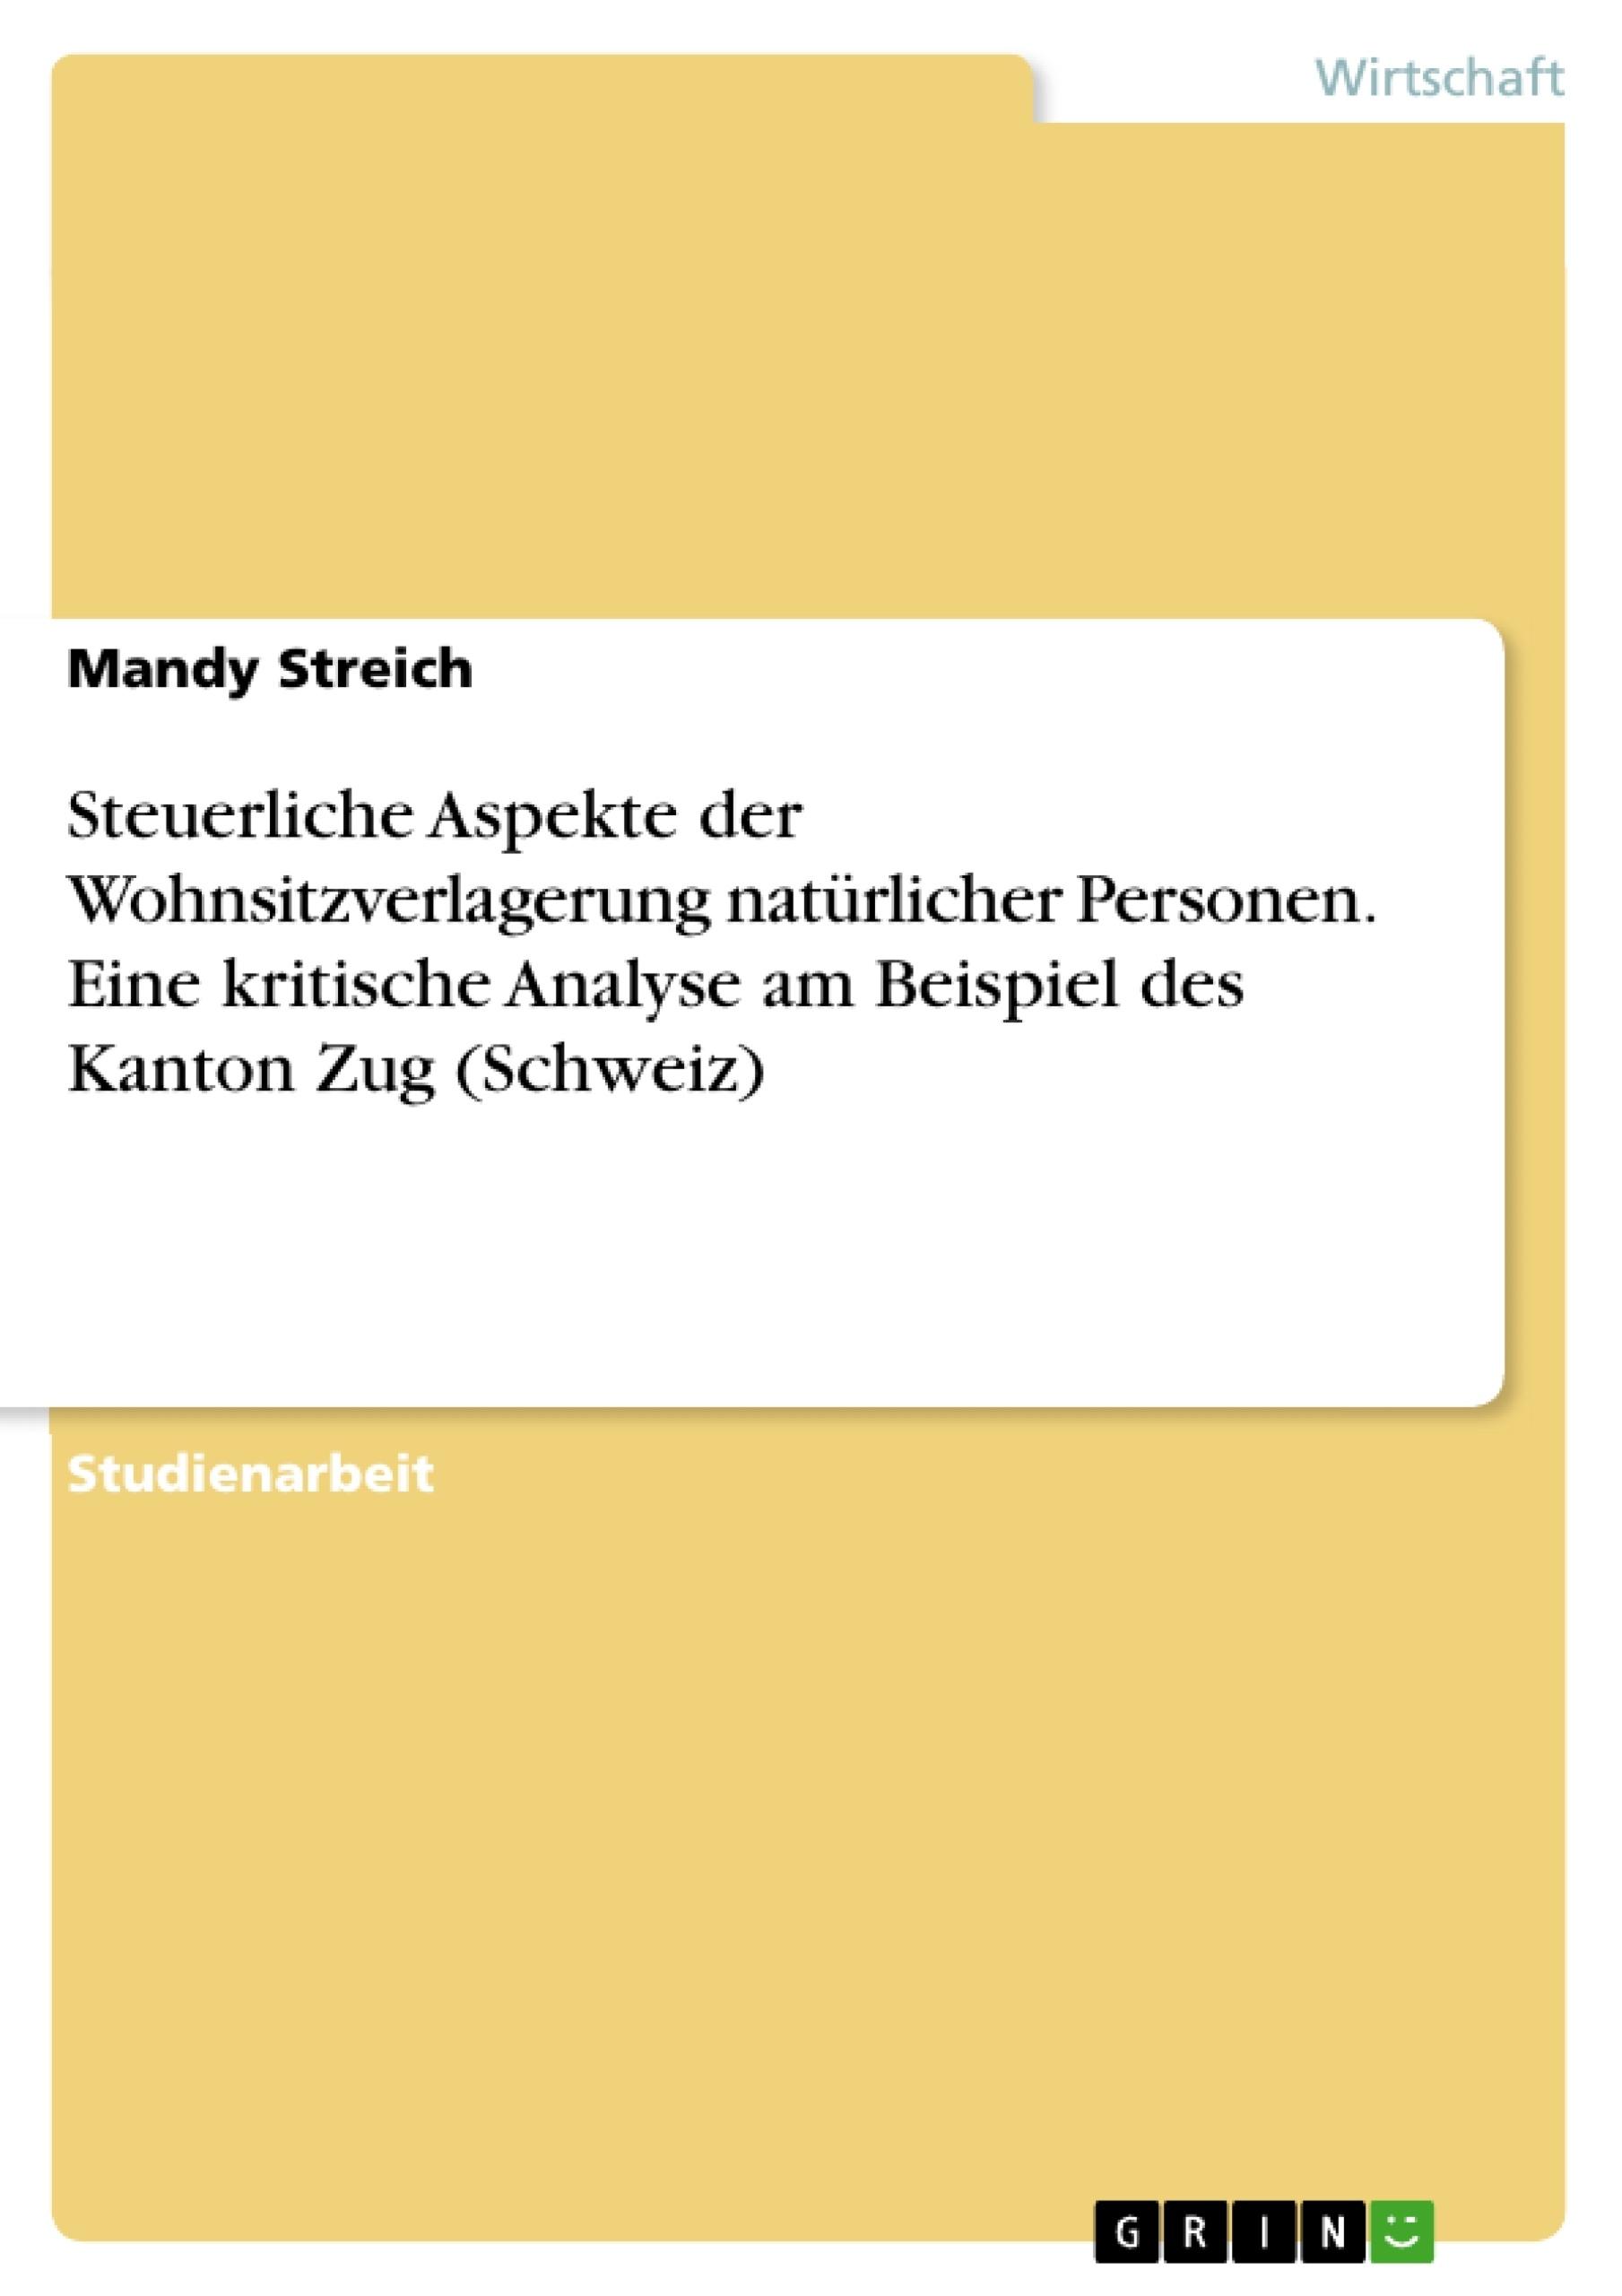 Titel: Steuerliche Aspekte der Wohnsitzverlagerung natürlicher Personen. Eine kritische Analyse am Beispiel des Kanton Zug (Schweiz)